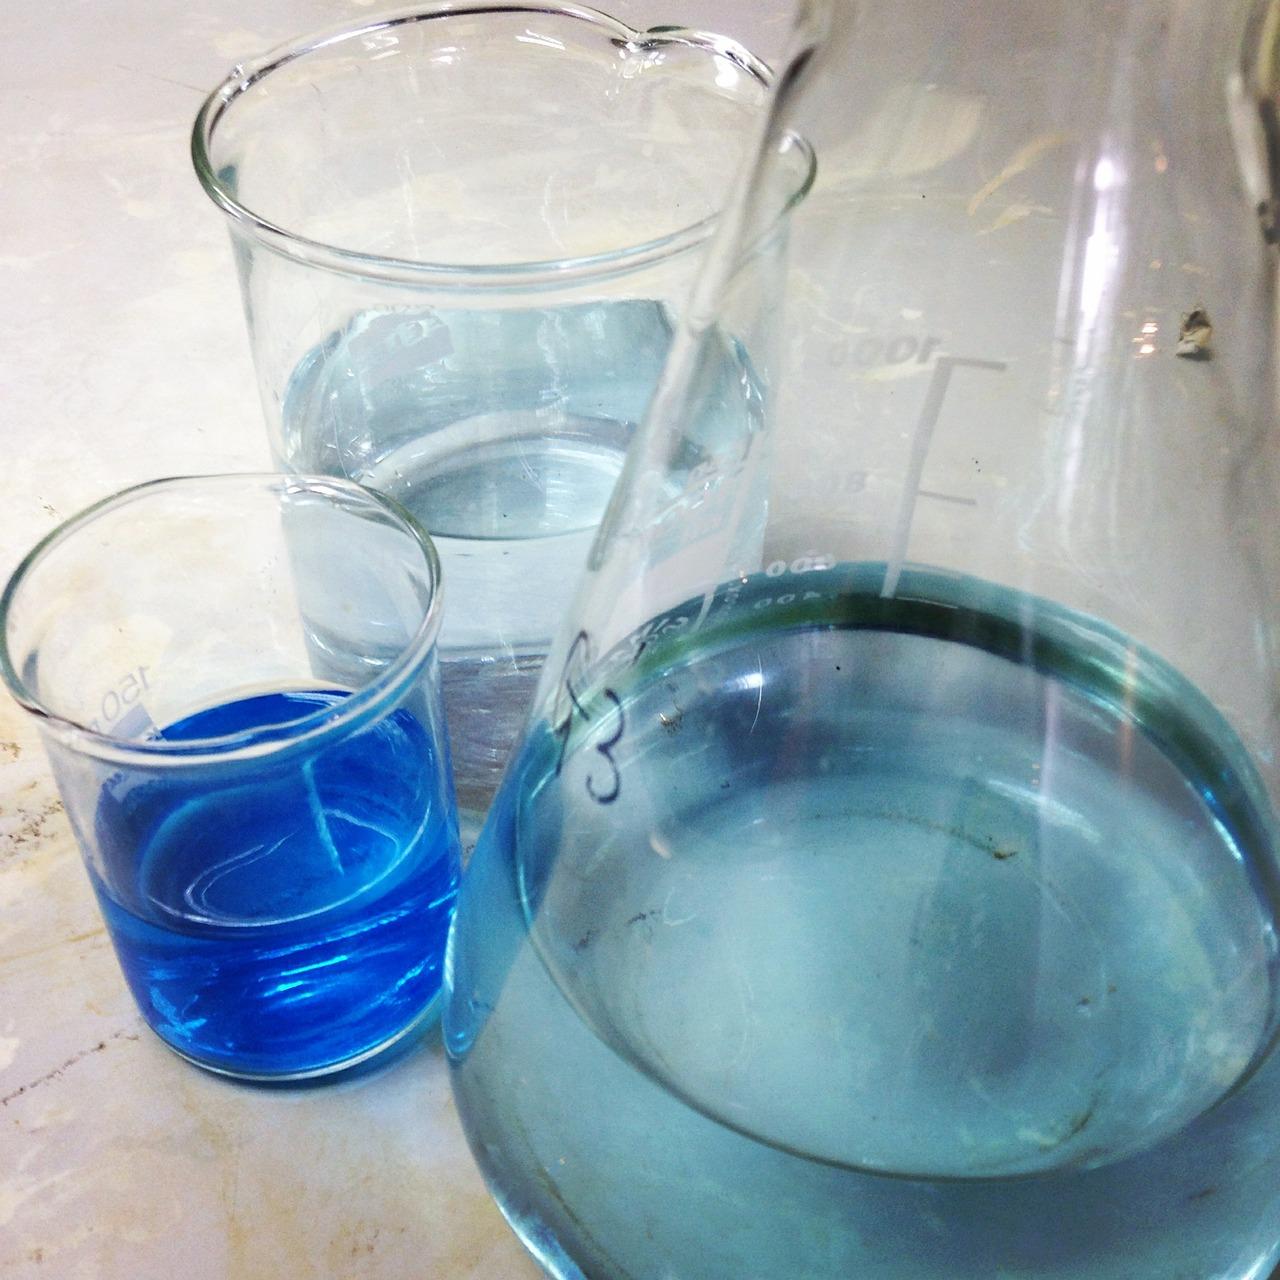 liquid-415425_1280